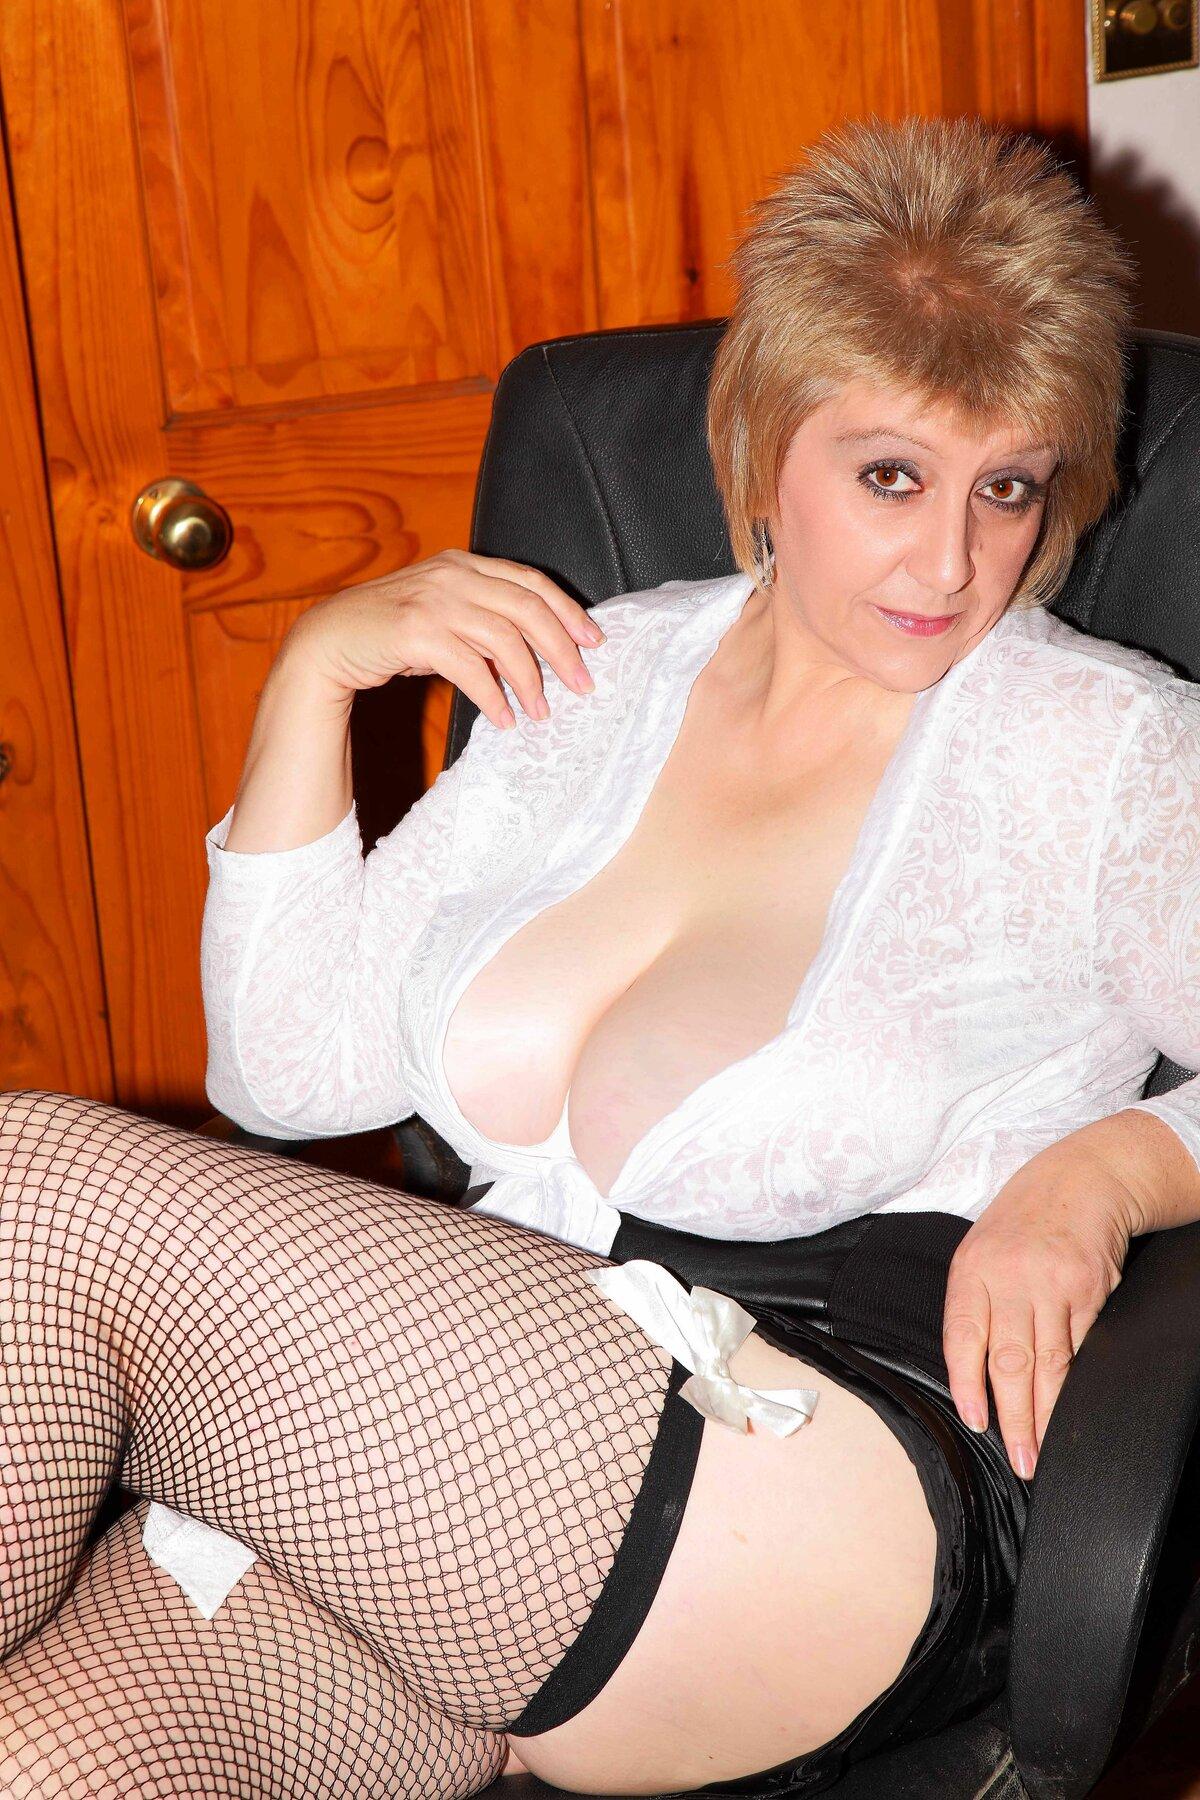 Фото сексуальные развлечения зрелых женщин свой грязный анус